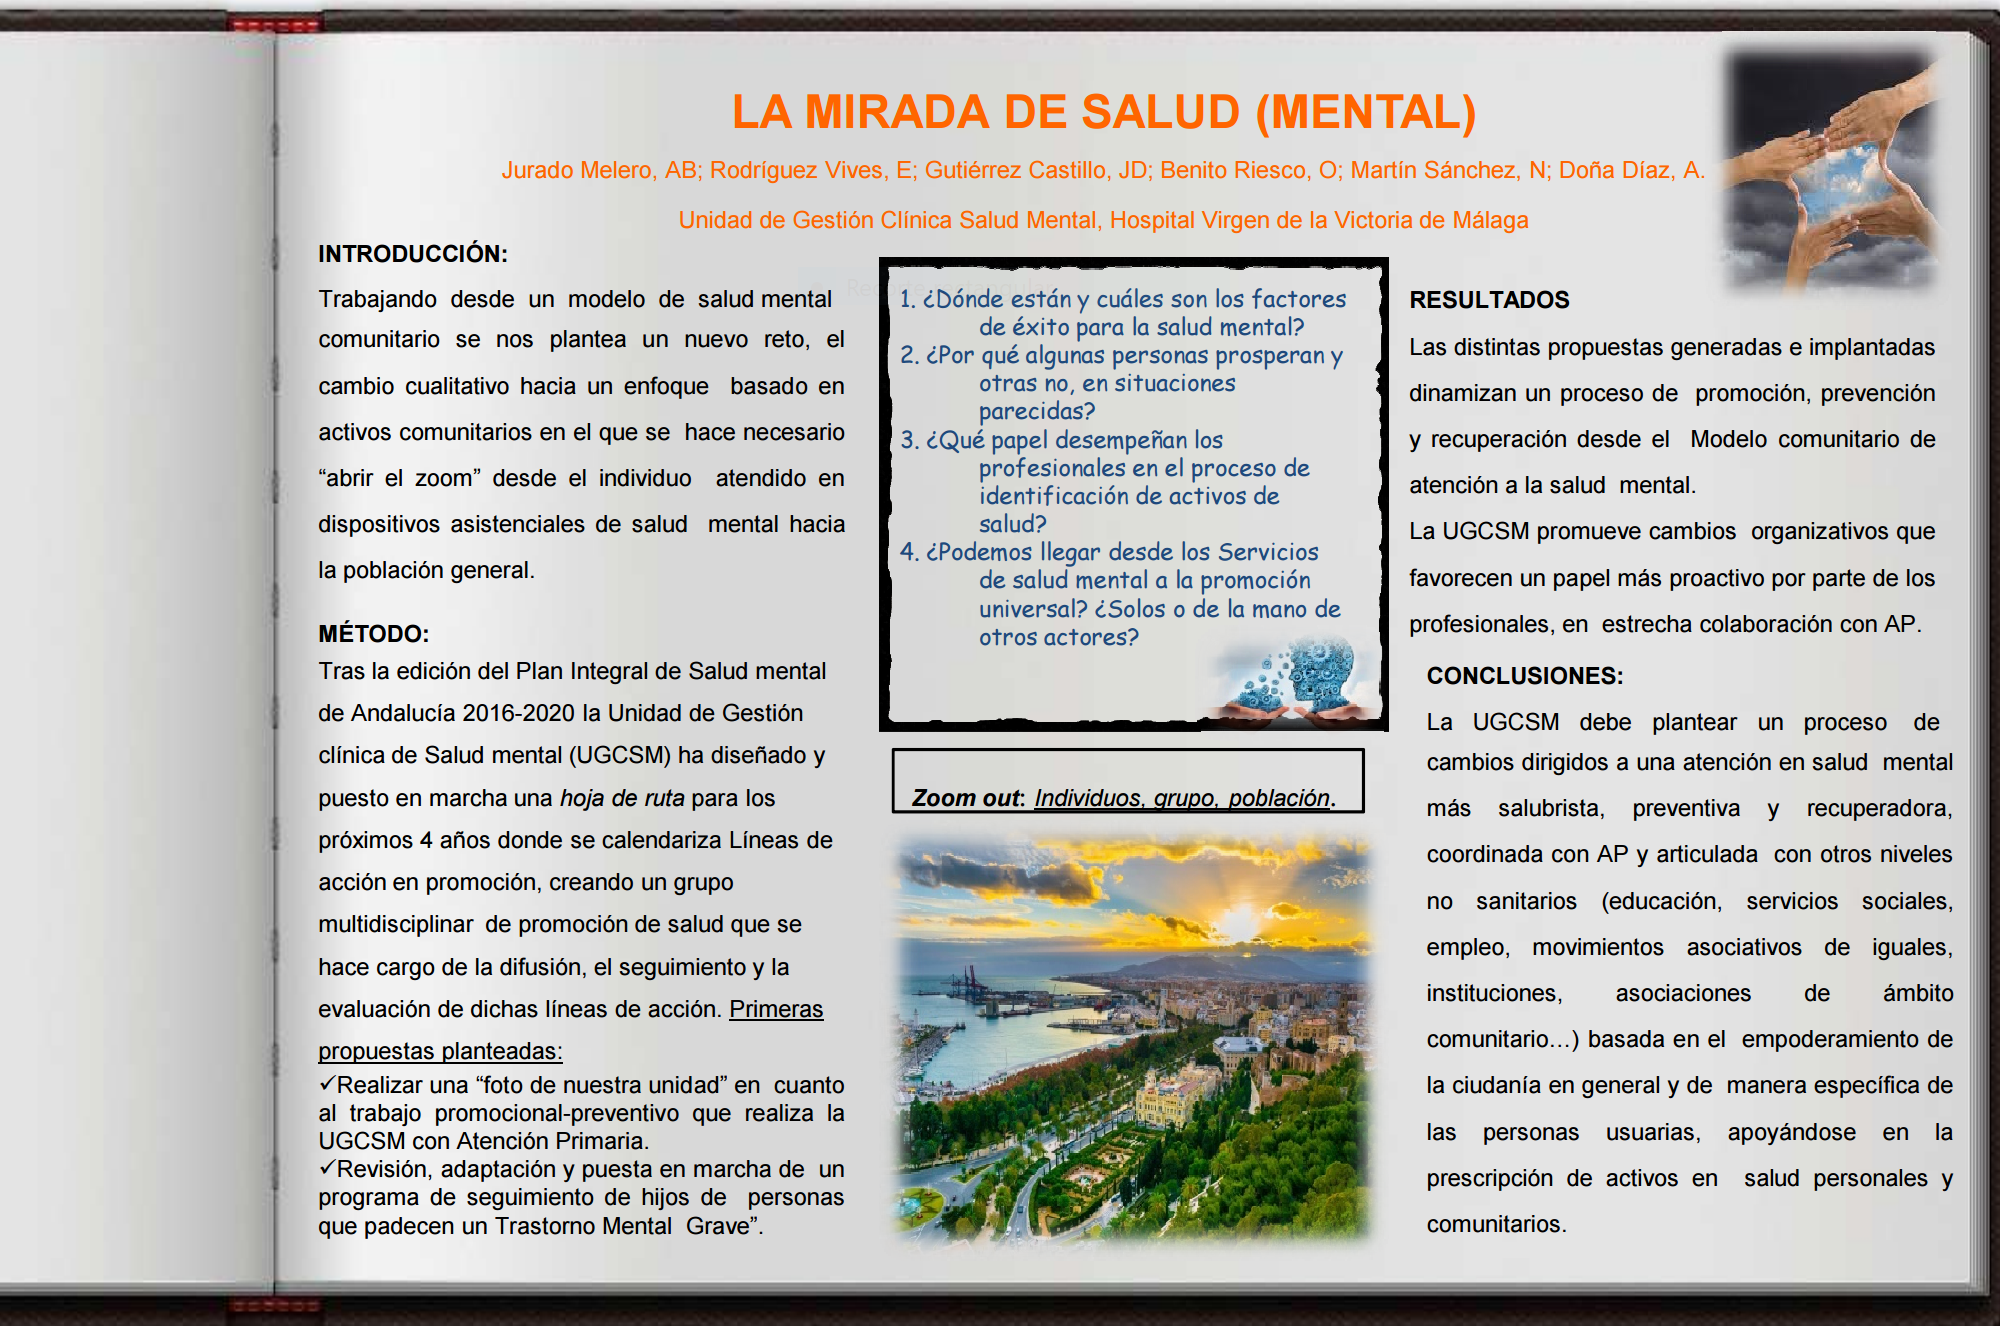 La mirada de la salud (mental)